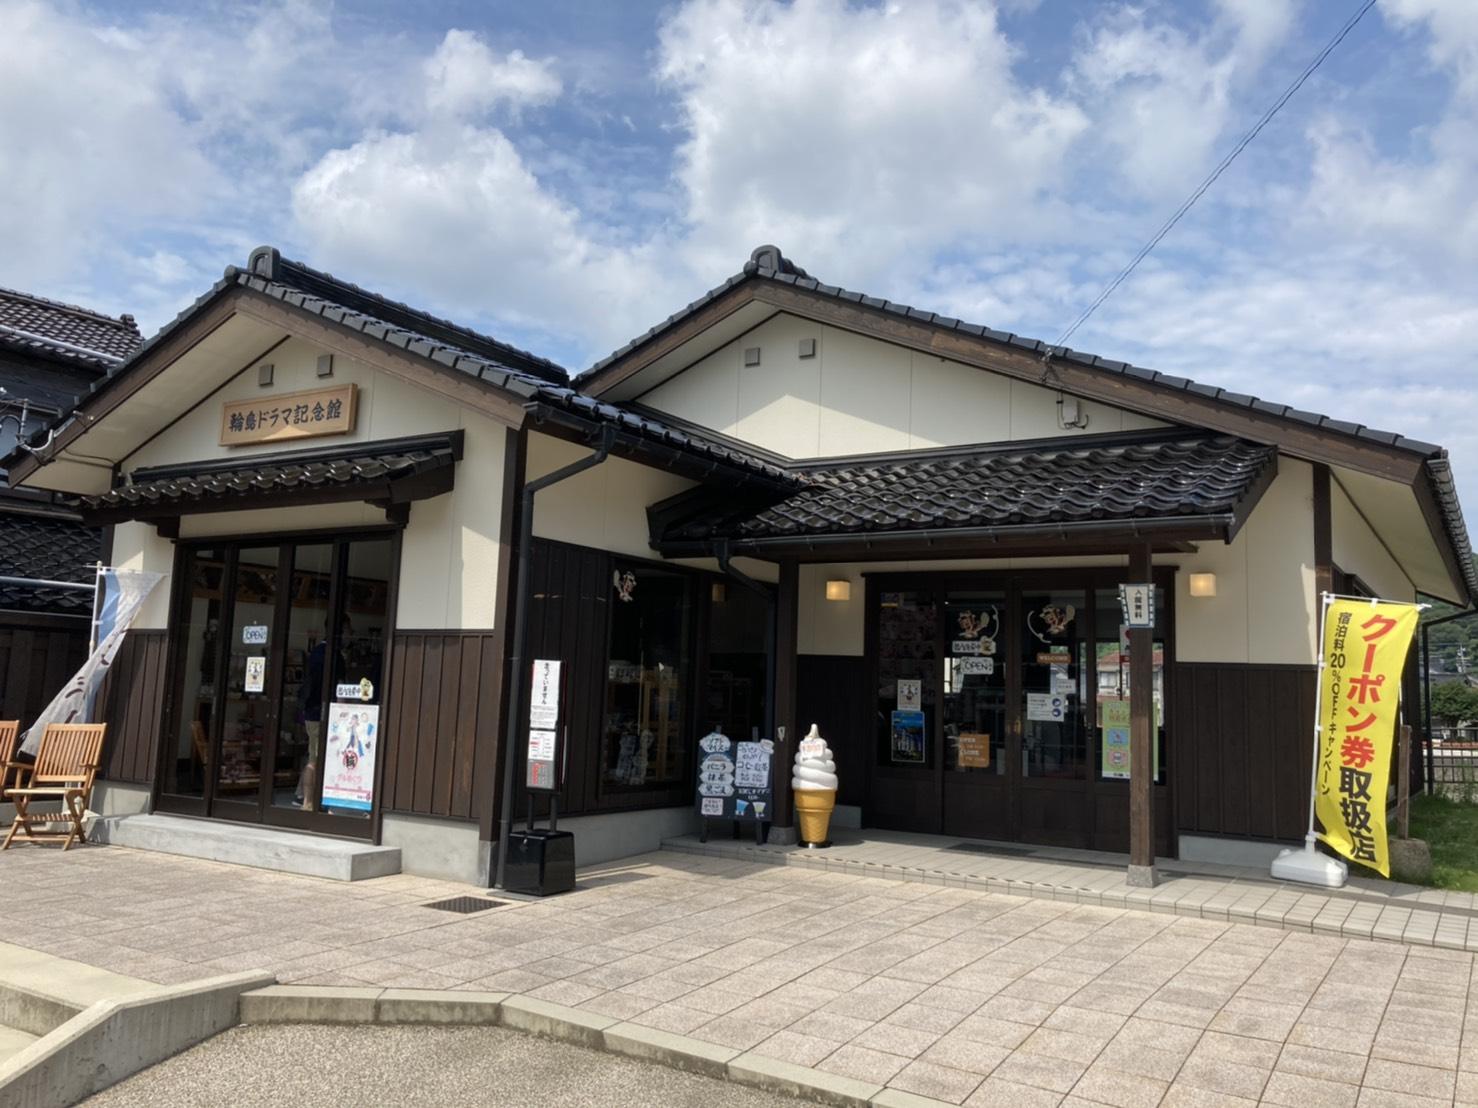 輪島ドラマ記念館では、お土産も販売しています。